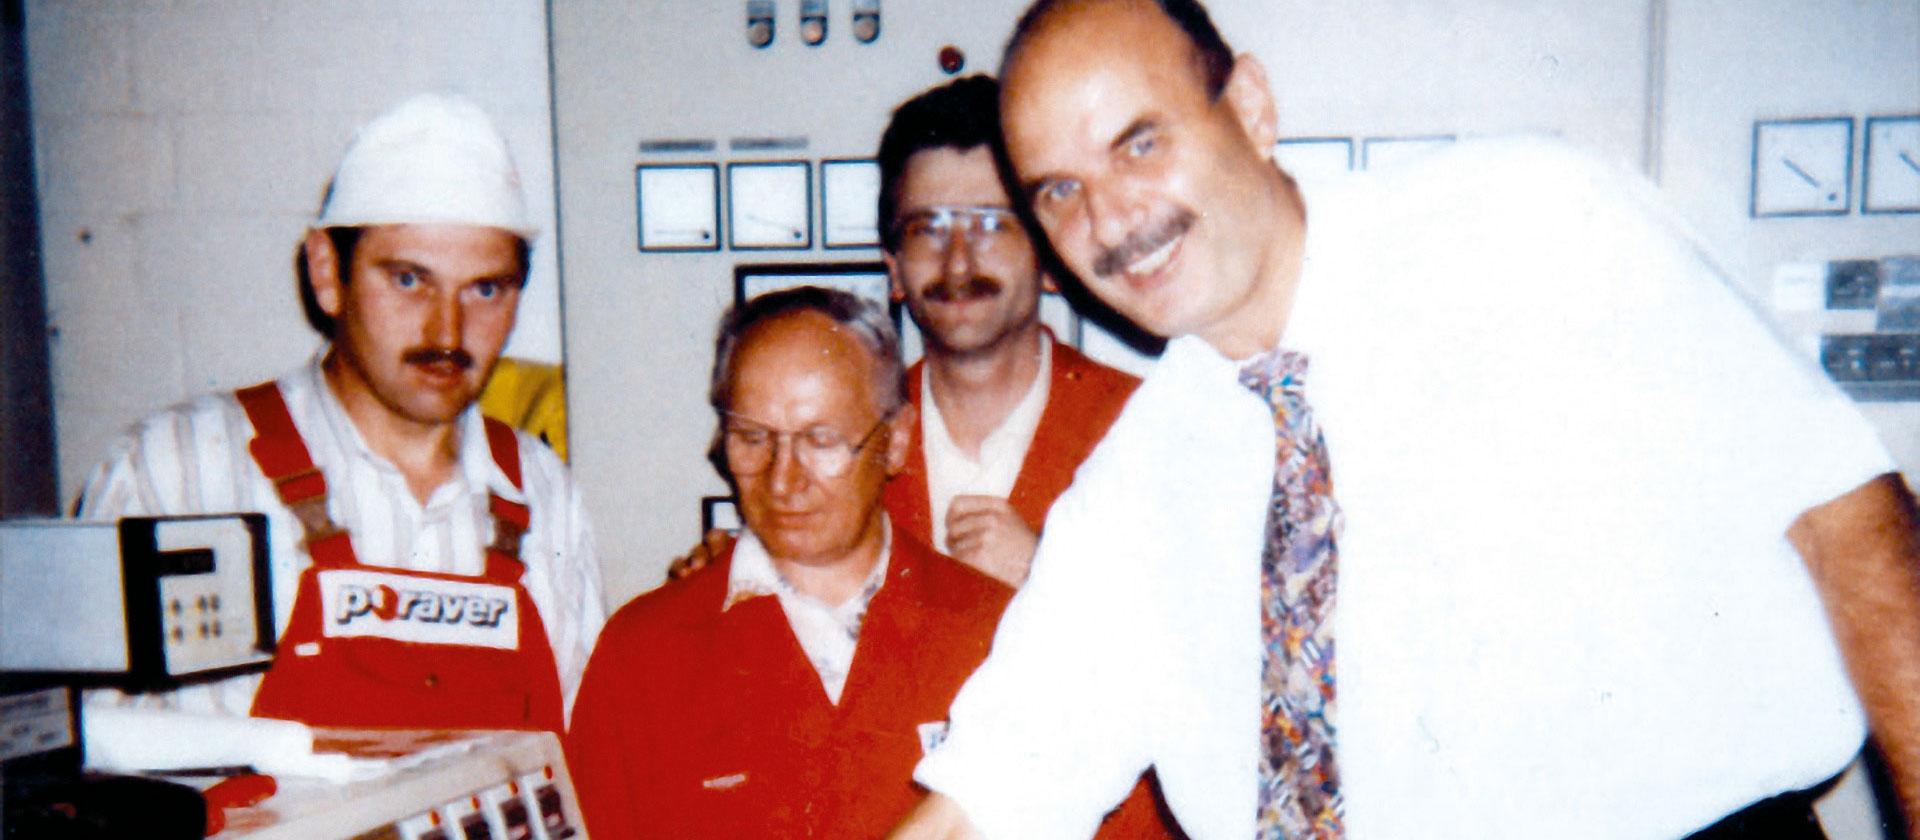 Poraver - 198 Start Produktion Blähglas